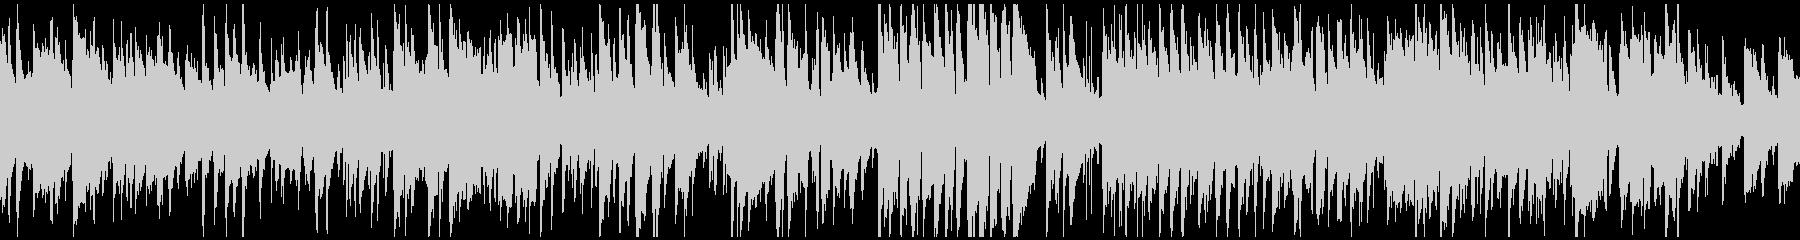 少しファンキーな5拍子のジャズ※ループ版の未再生の波形